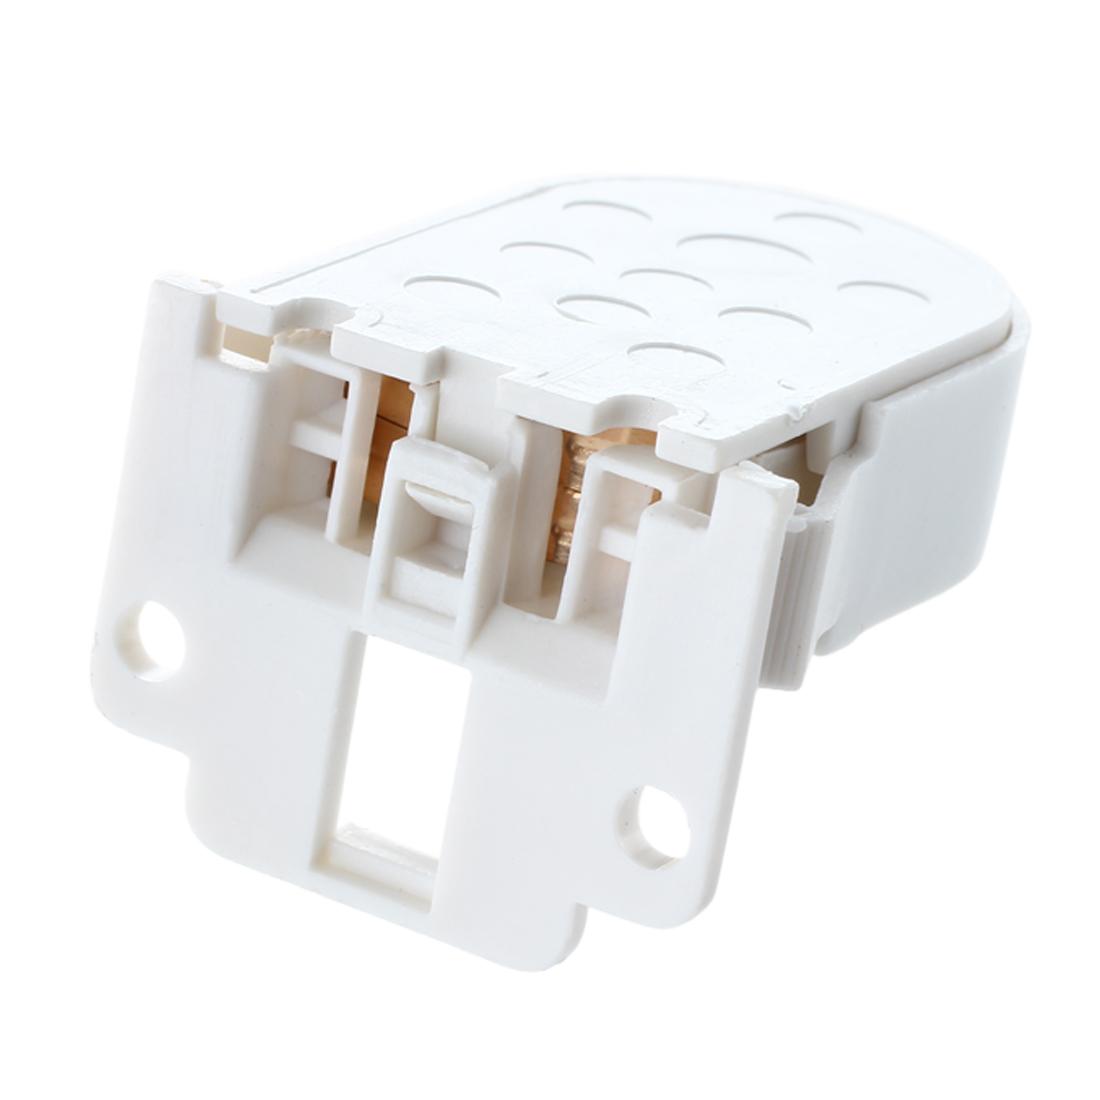 fluorescent light holder msd wiring diagram t8 lighting socket lamp ws wsd7 ebay